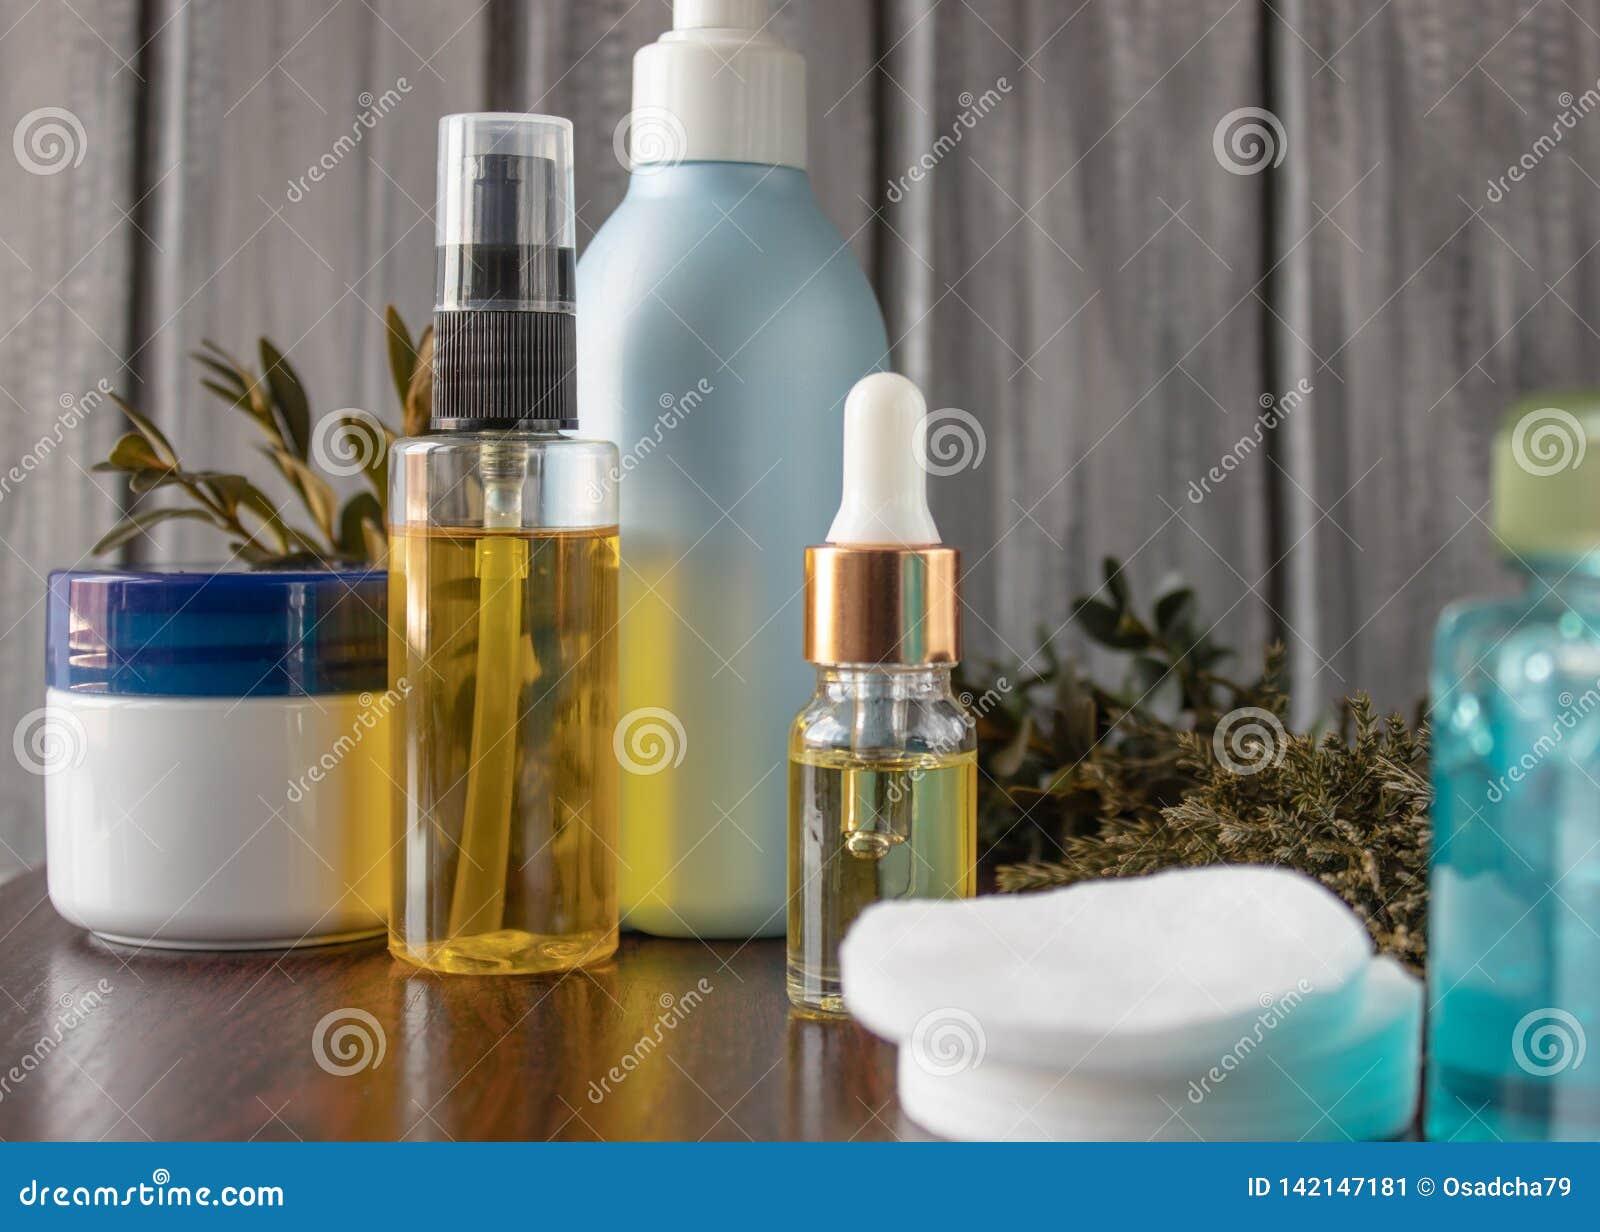 Natürliches kosmetisches ätherisches Öl in einer Flasche mit einer Pipette